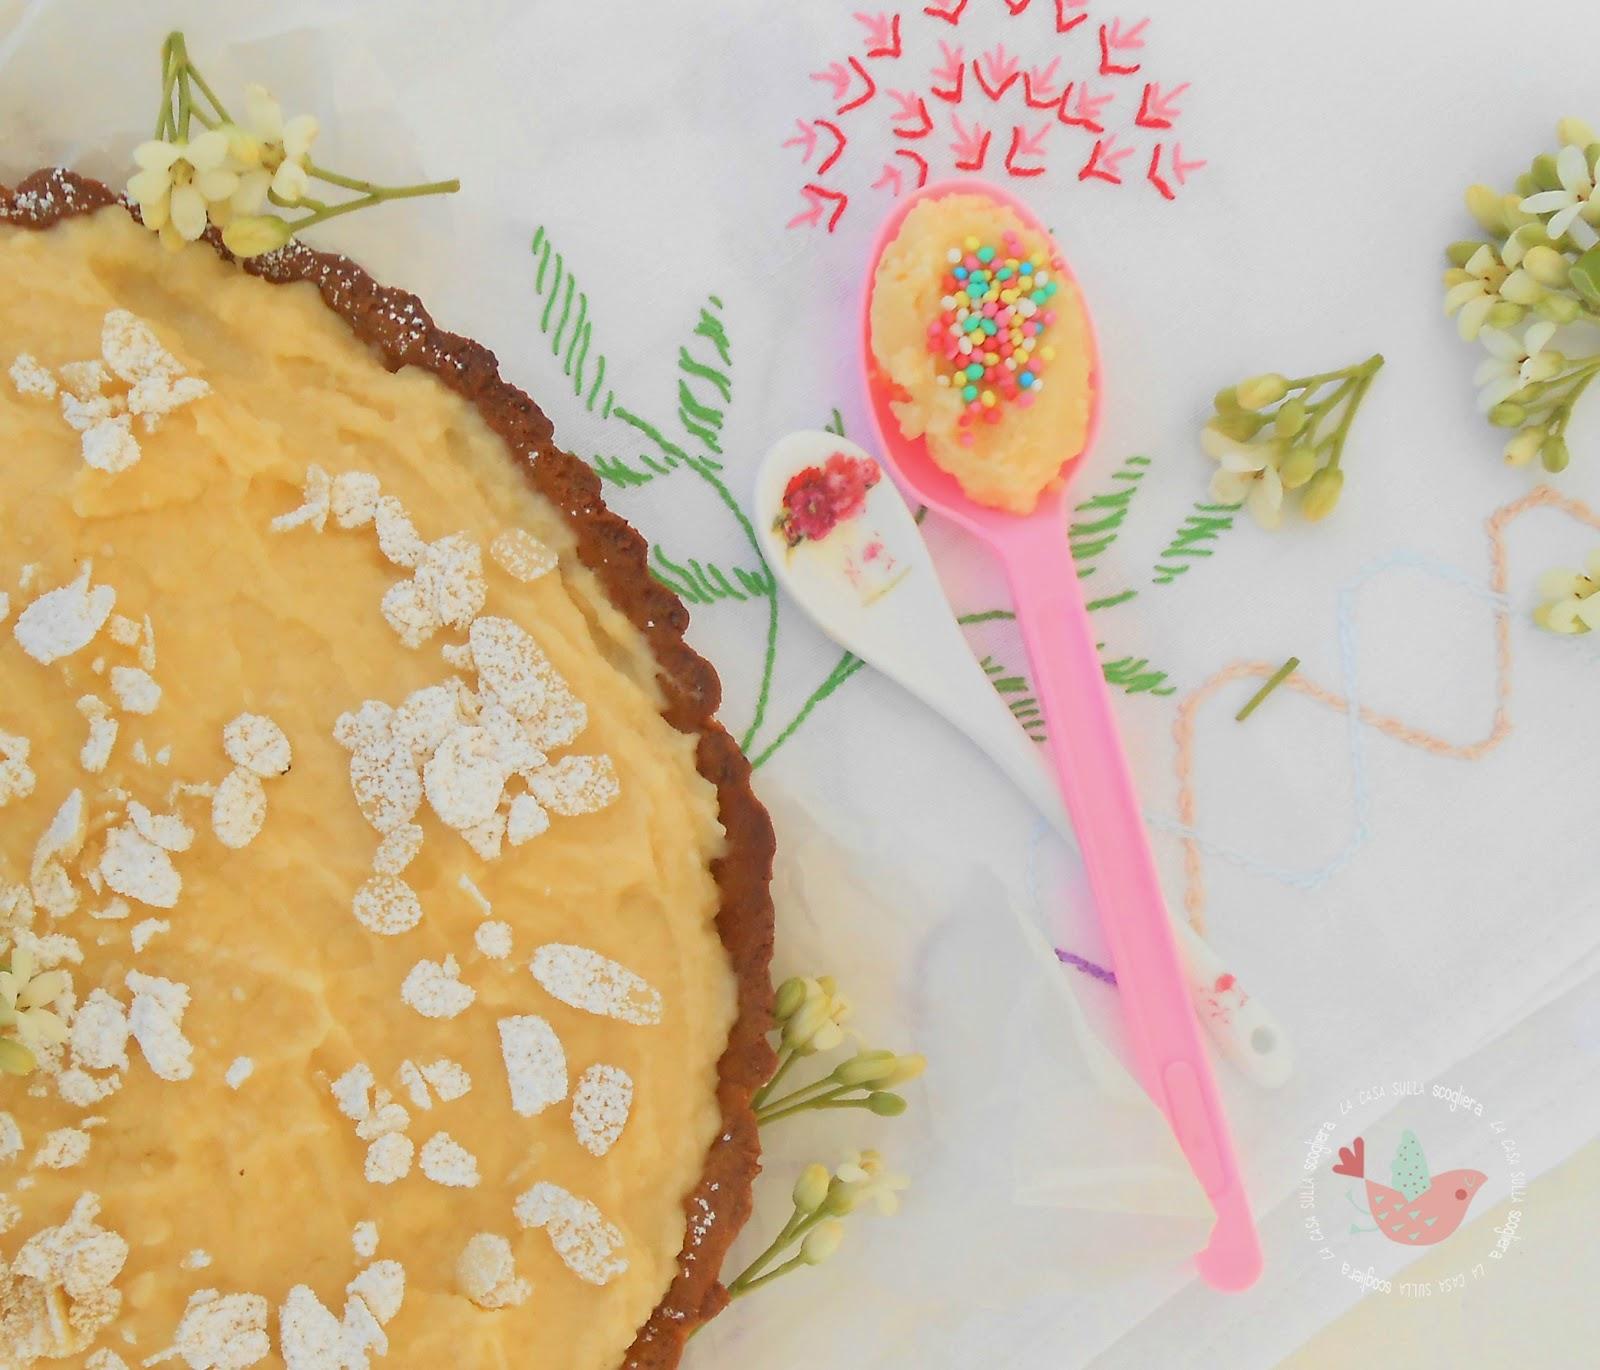 Crostata light con crema frangipane, una ricetta particolare e molto molto buona per una torta diversa dal solito che vi farà felici fin già dal primo assaggio.